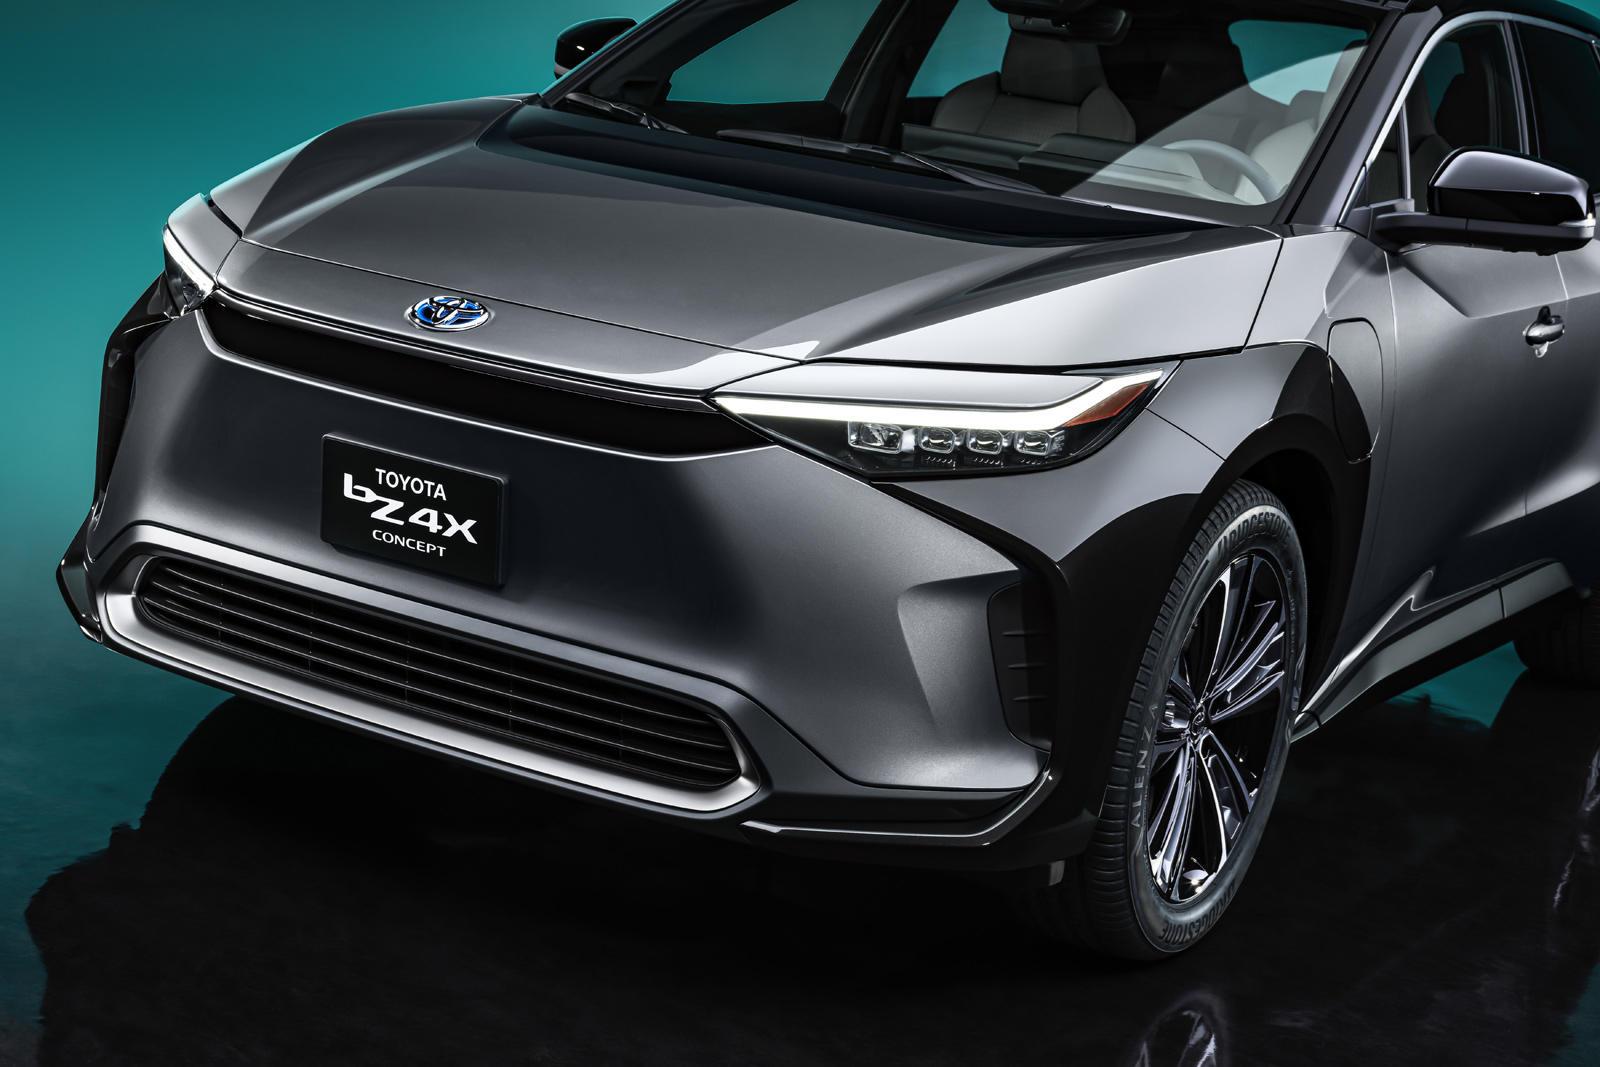 От маленького C-HR до могучего Land Cruiser - у Toyota уже есть семь индивидуальных кроссоверов или внедорожников, но компания, похоже, готовится добавить еще кое-что в этот список в ближайшее время. В новом тизер-видео, которое раскрывает очень мало